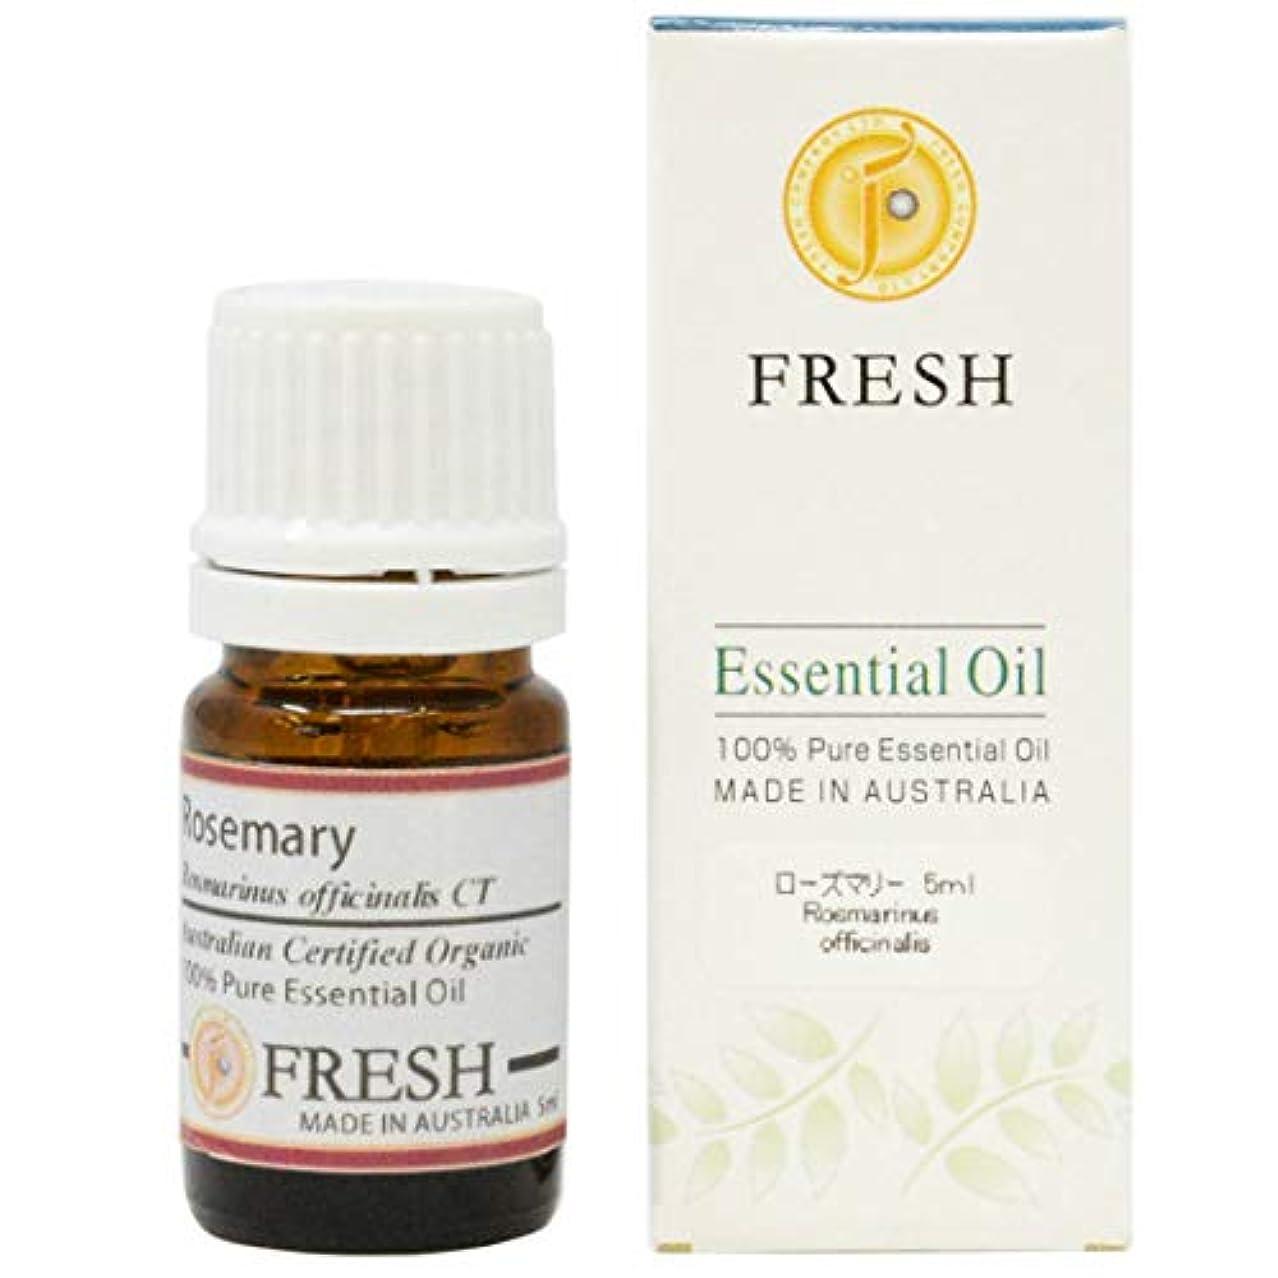 プレゼン談話期限切れFRESH オーガニック エッセンシャルオイル ローズマリー 5ml (FRESH 精油)